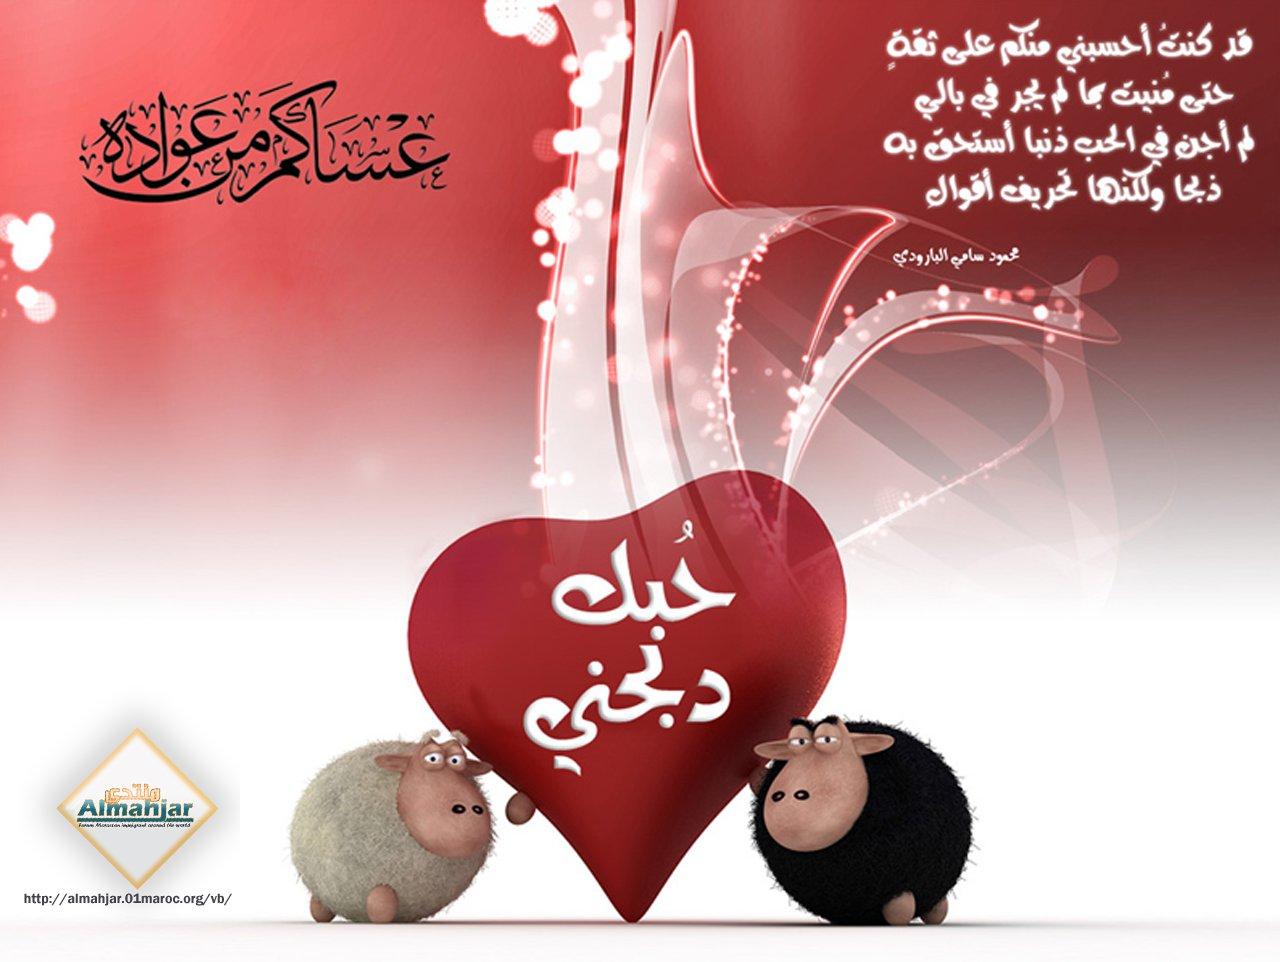 بالصور صور عن عيد الاضحى , اجمل الصور لعيد الاضحى المبارك 5853 2